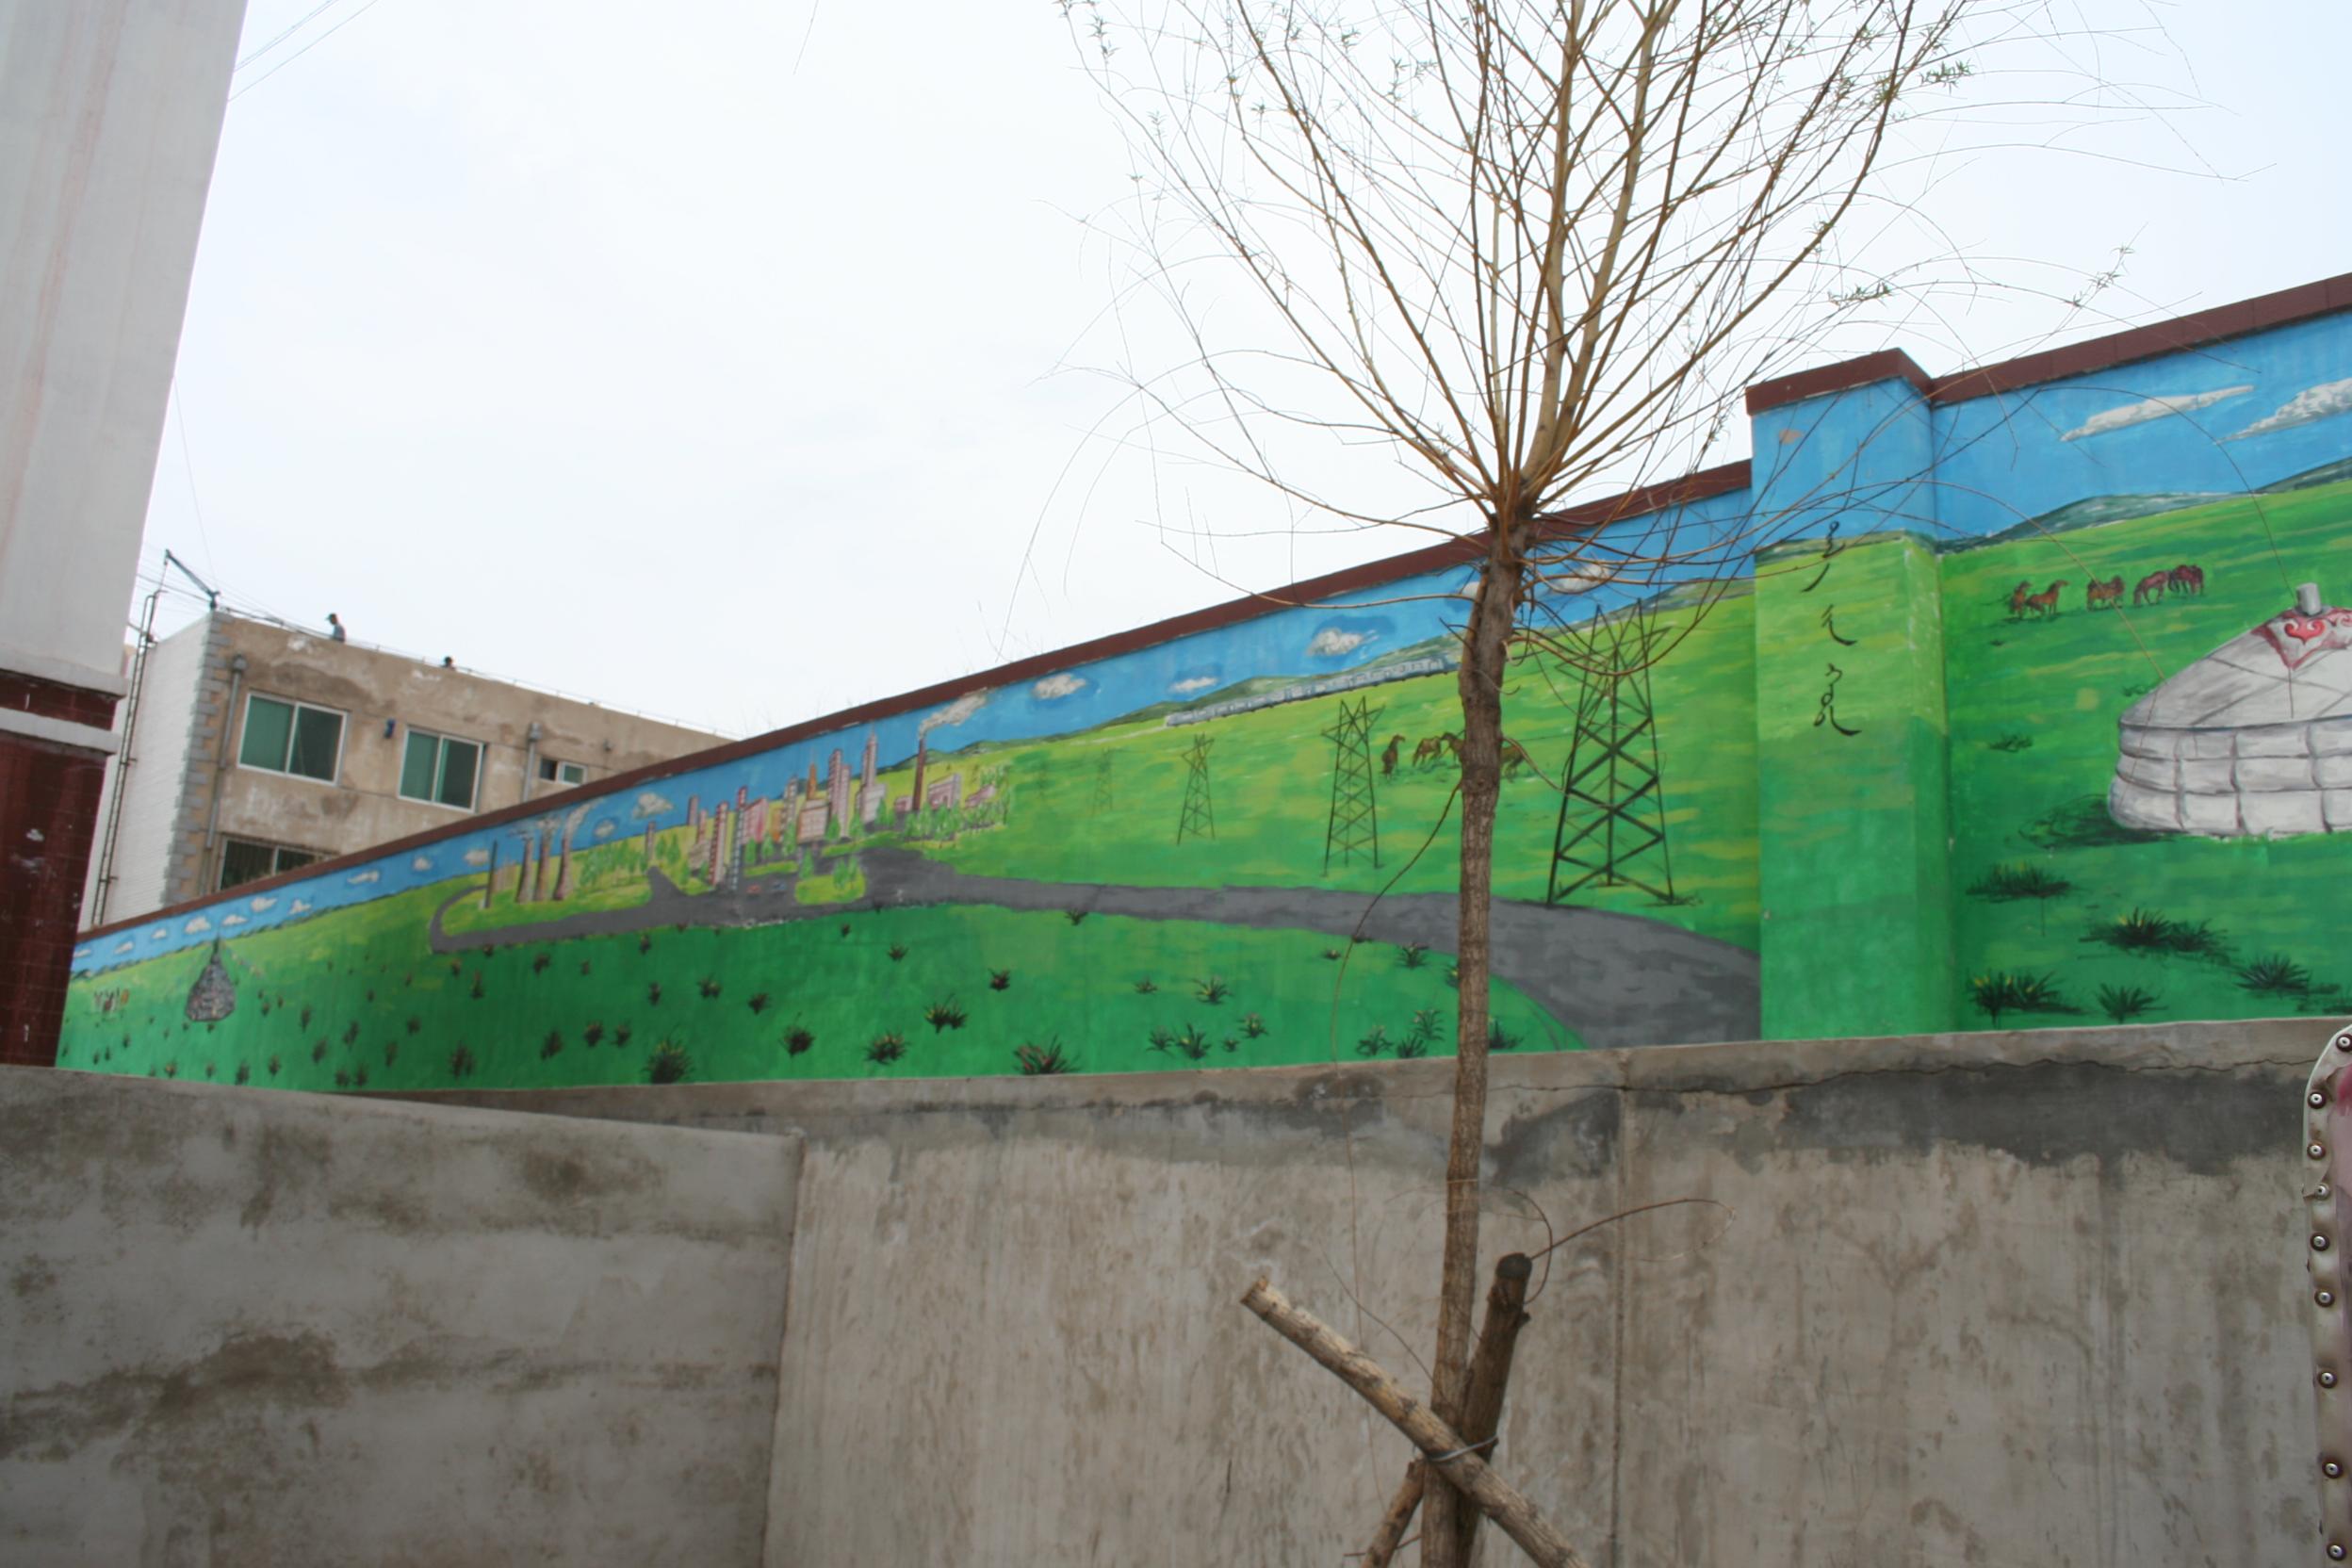 蒙古生活草原情景墙绘(可参考 )